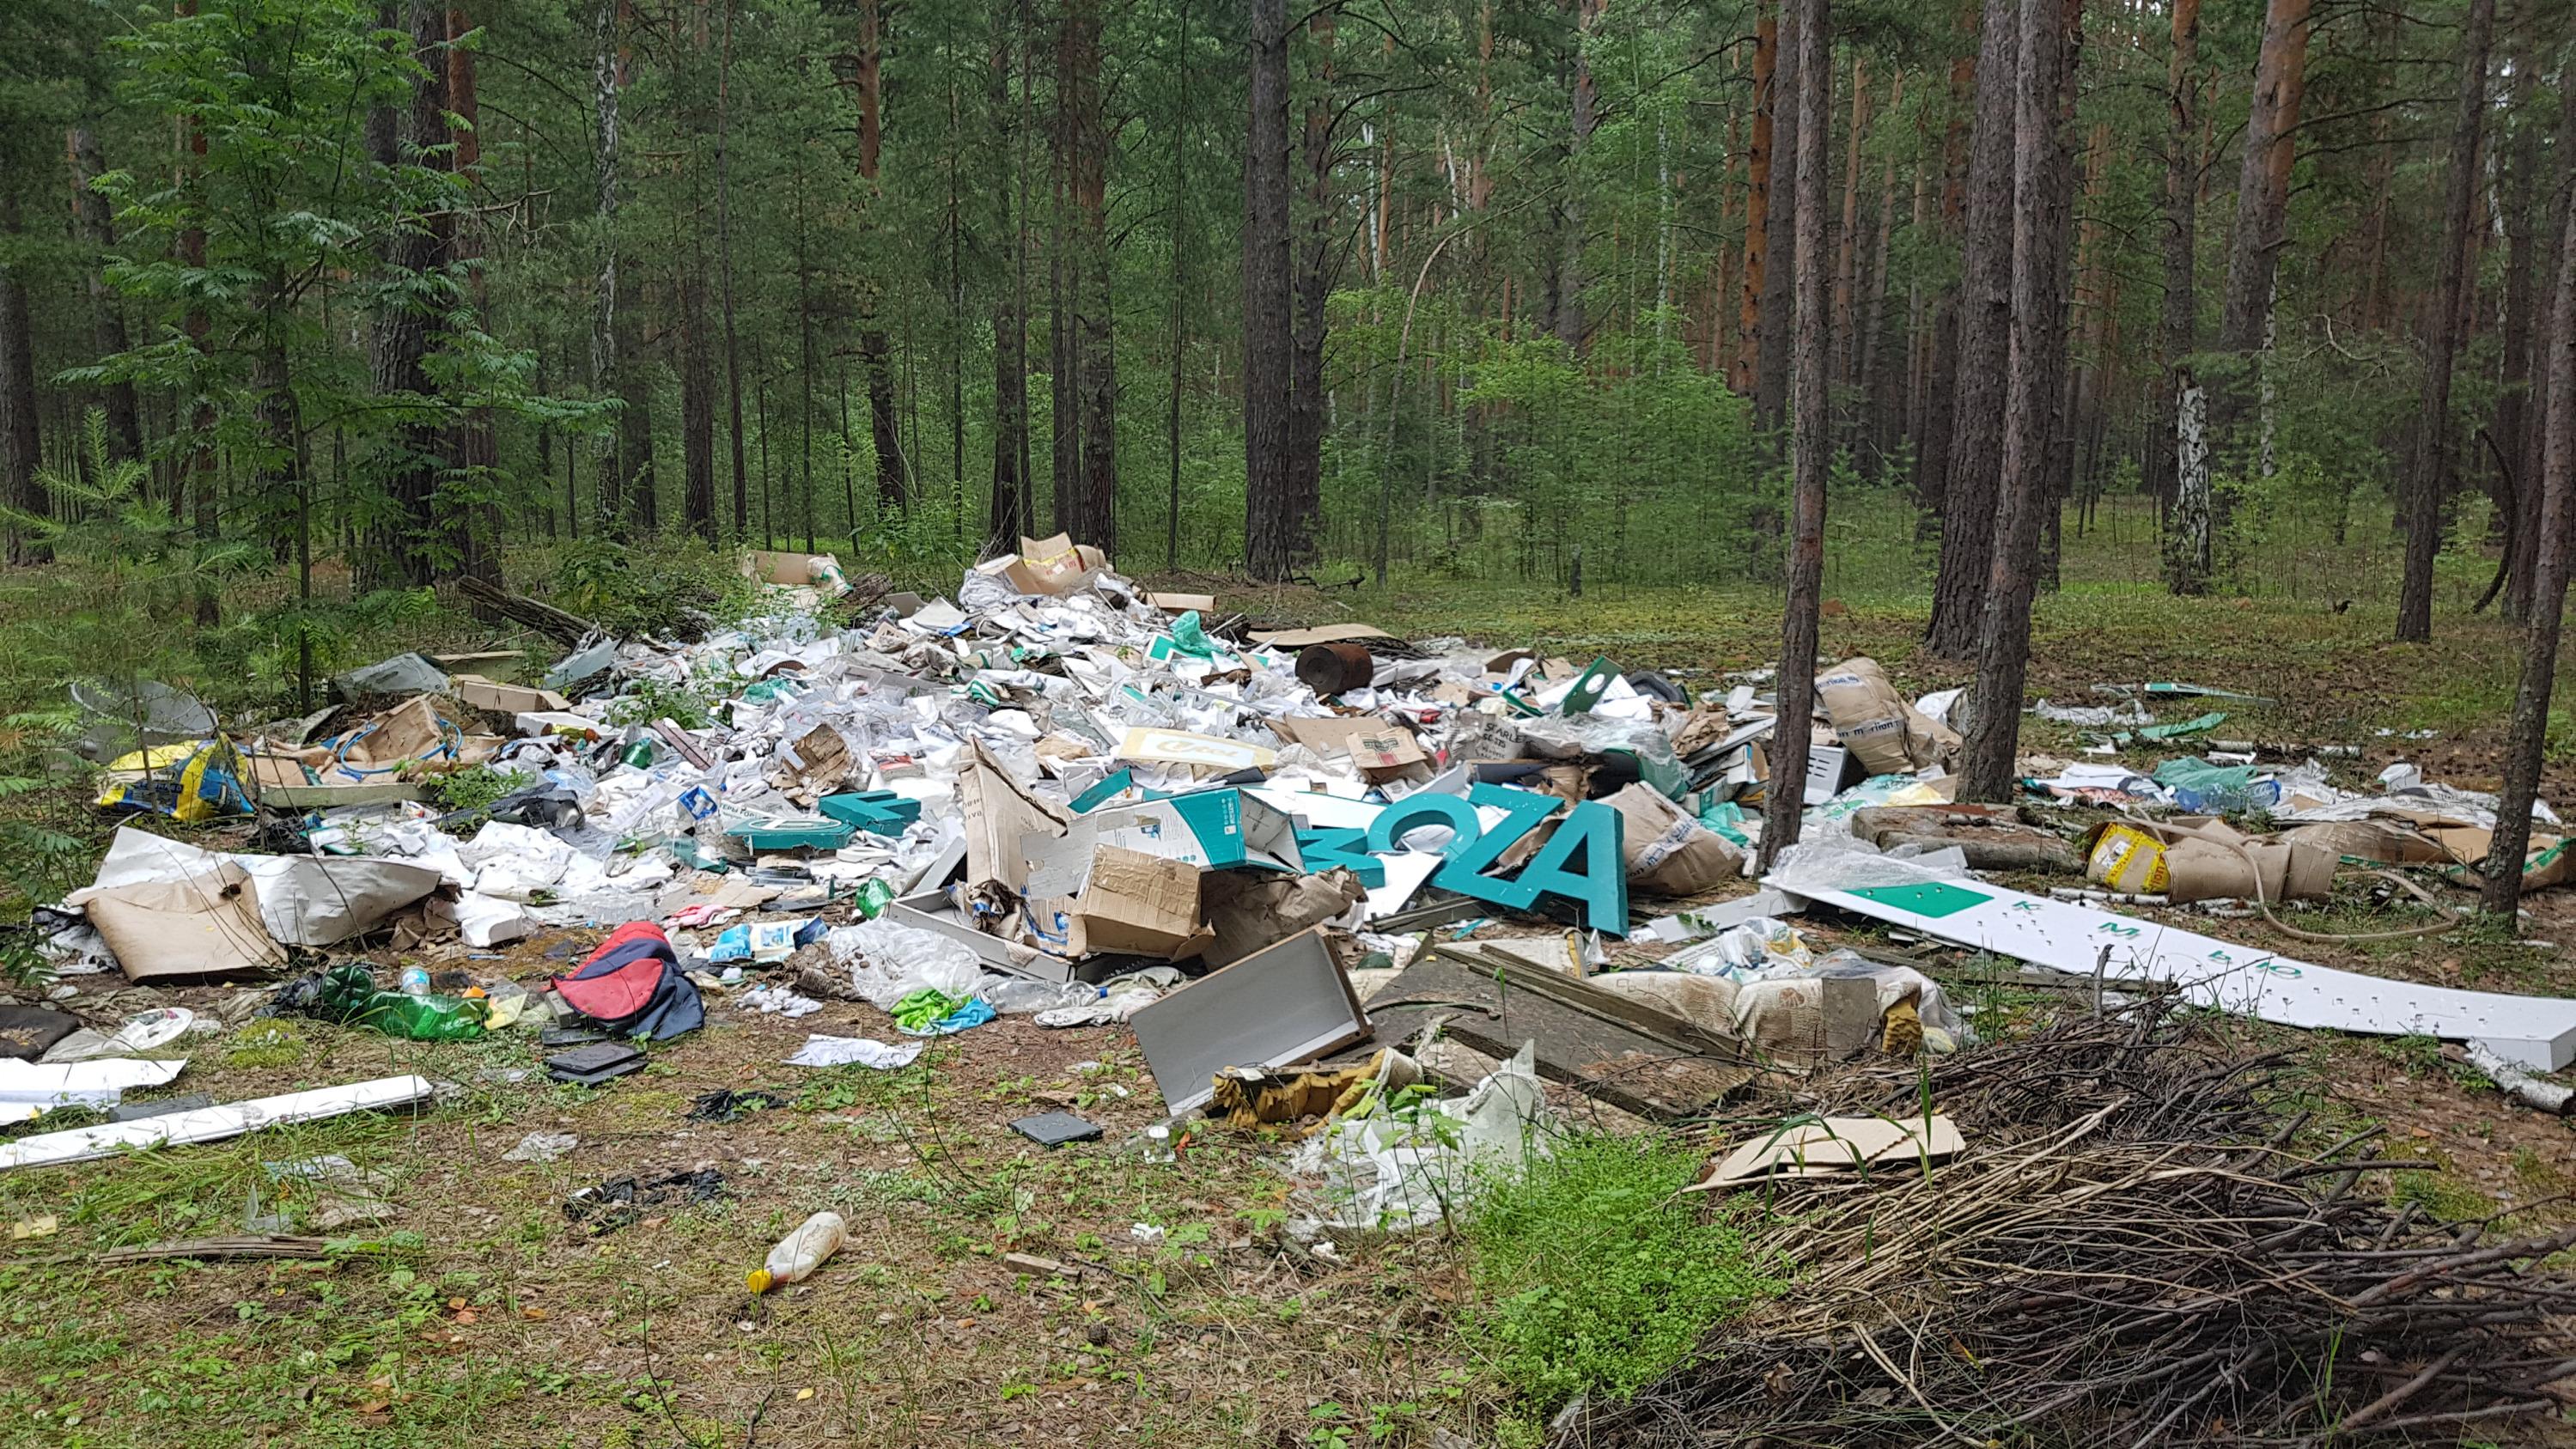 За появившиеся после 1 января 2019 года новые свалки придётся ответить собственникам участков, где обнаружили мусор